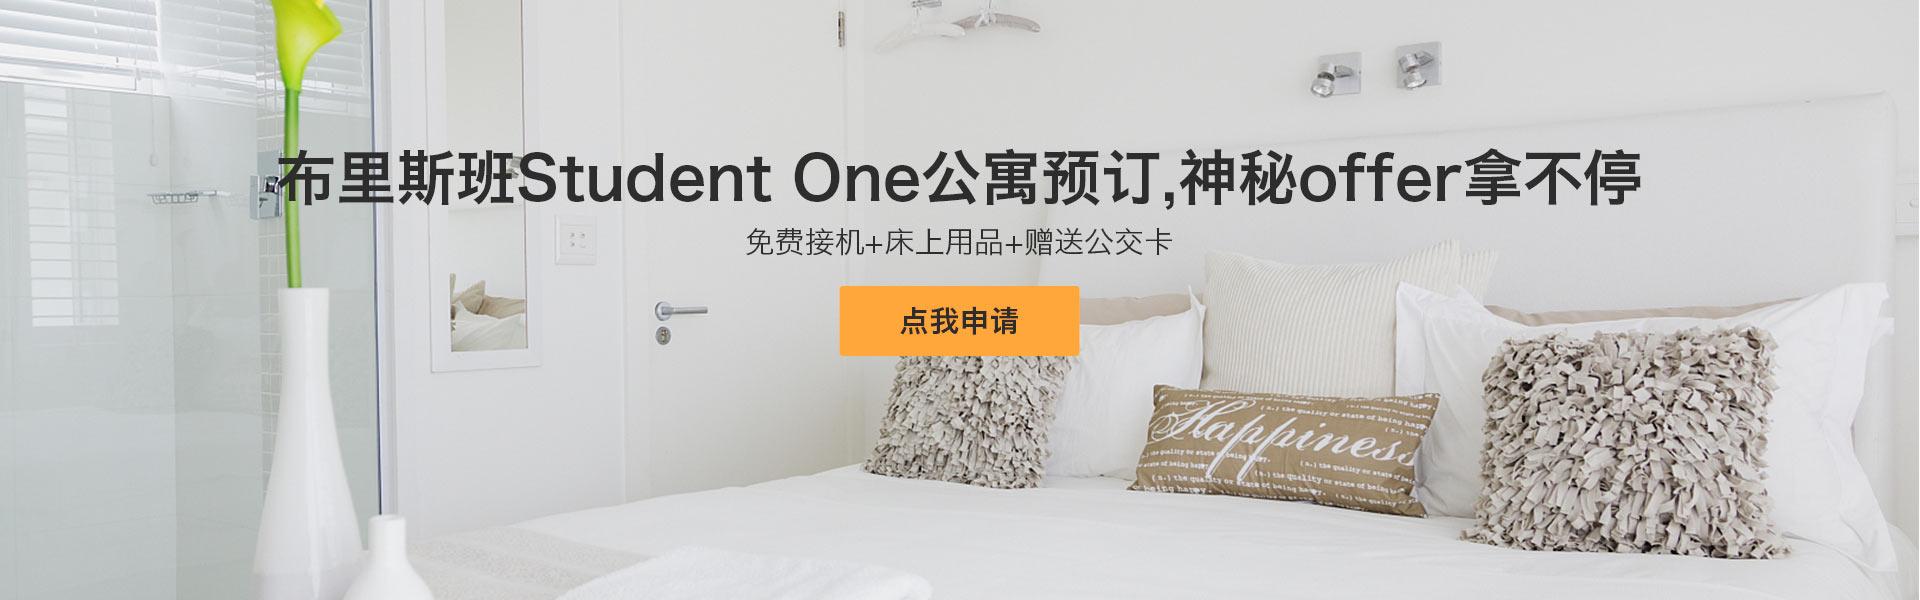 布里斯班Student One公寓优惠不停!